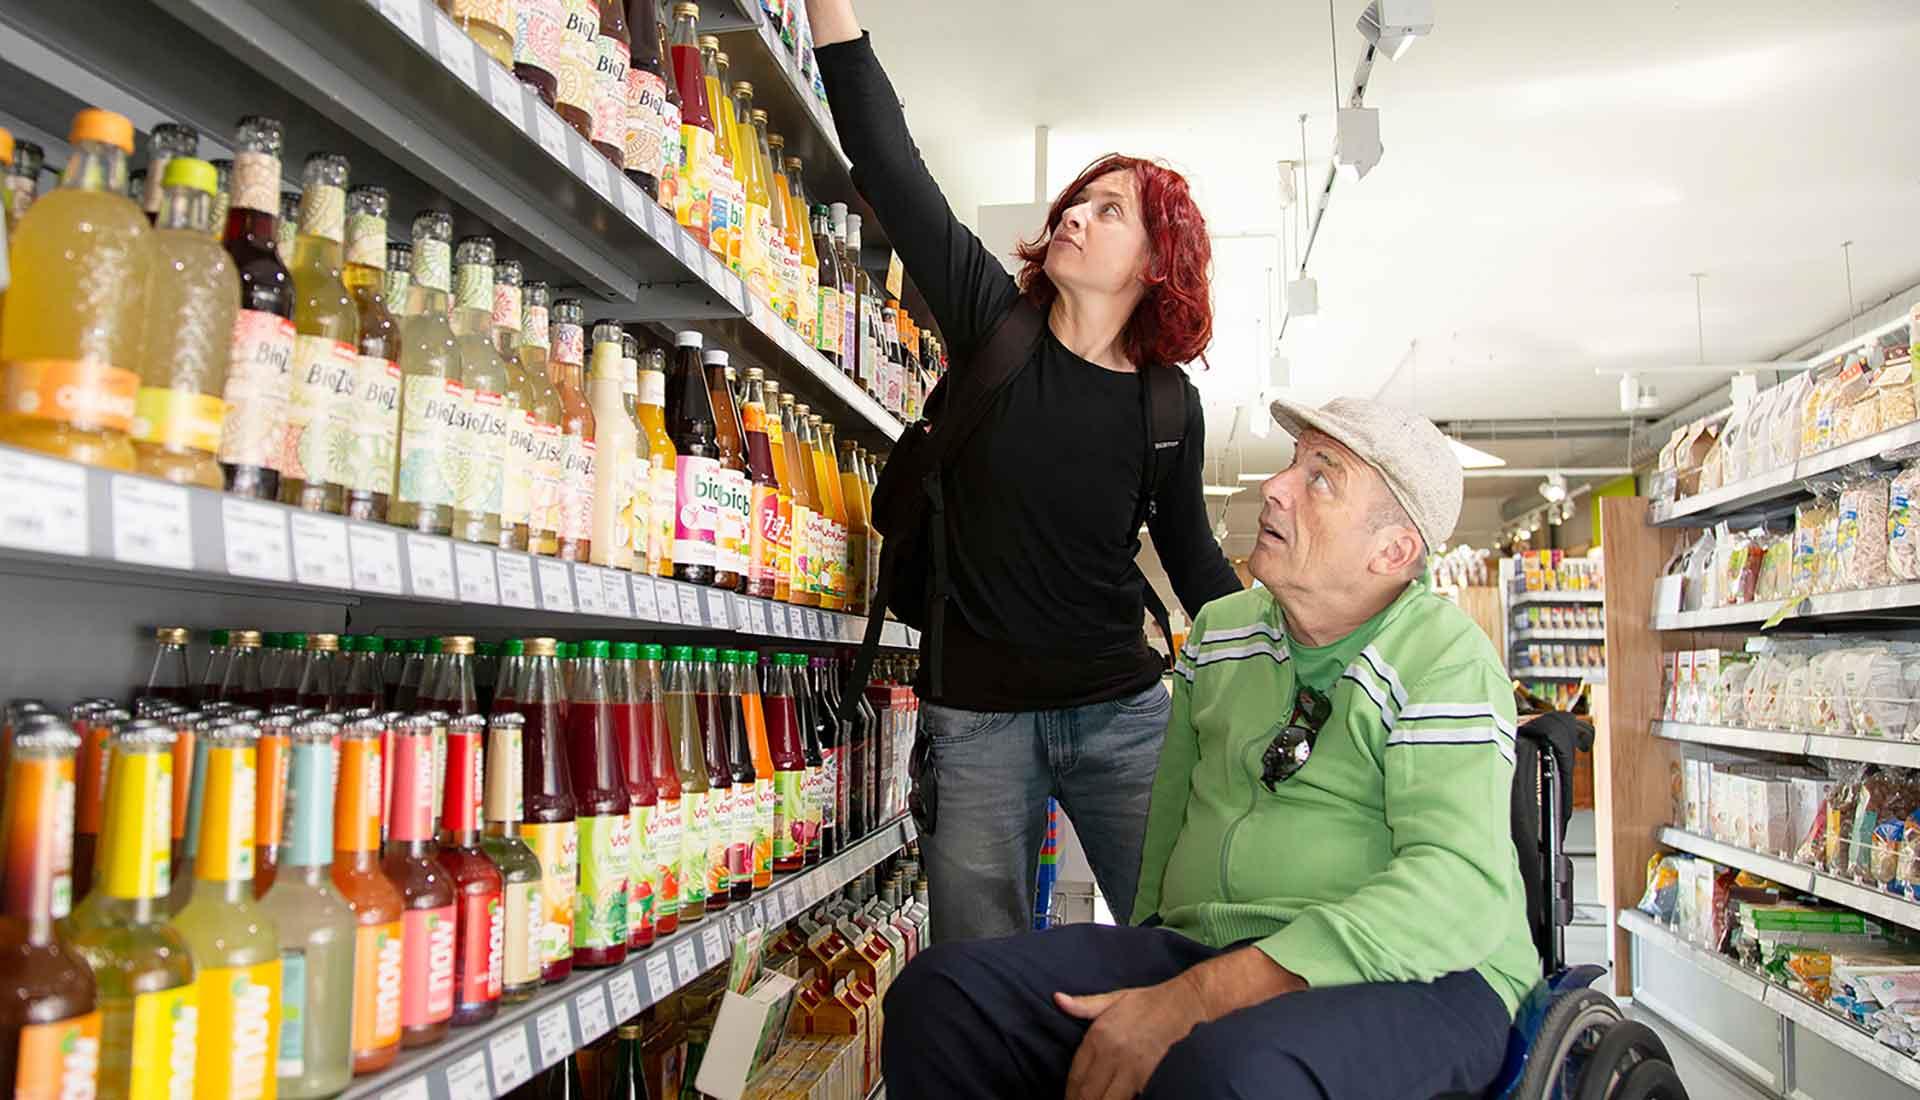 Assistenznehmerin wird von einer Assistentin beim Einkaufen unterstützt